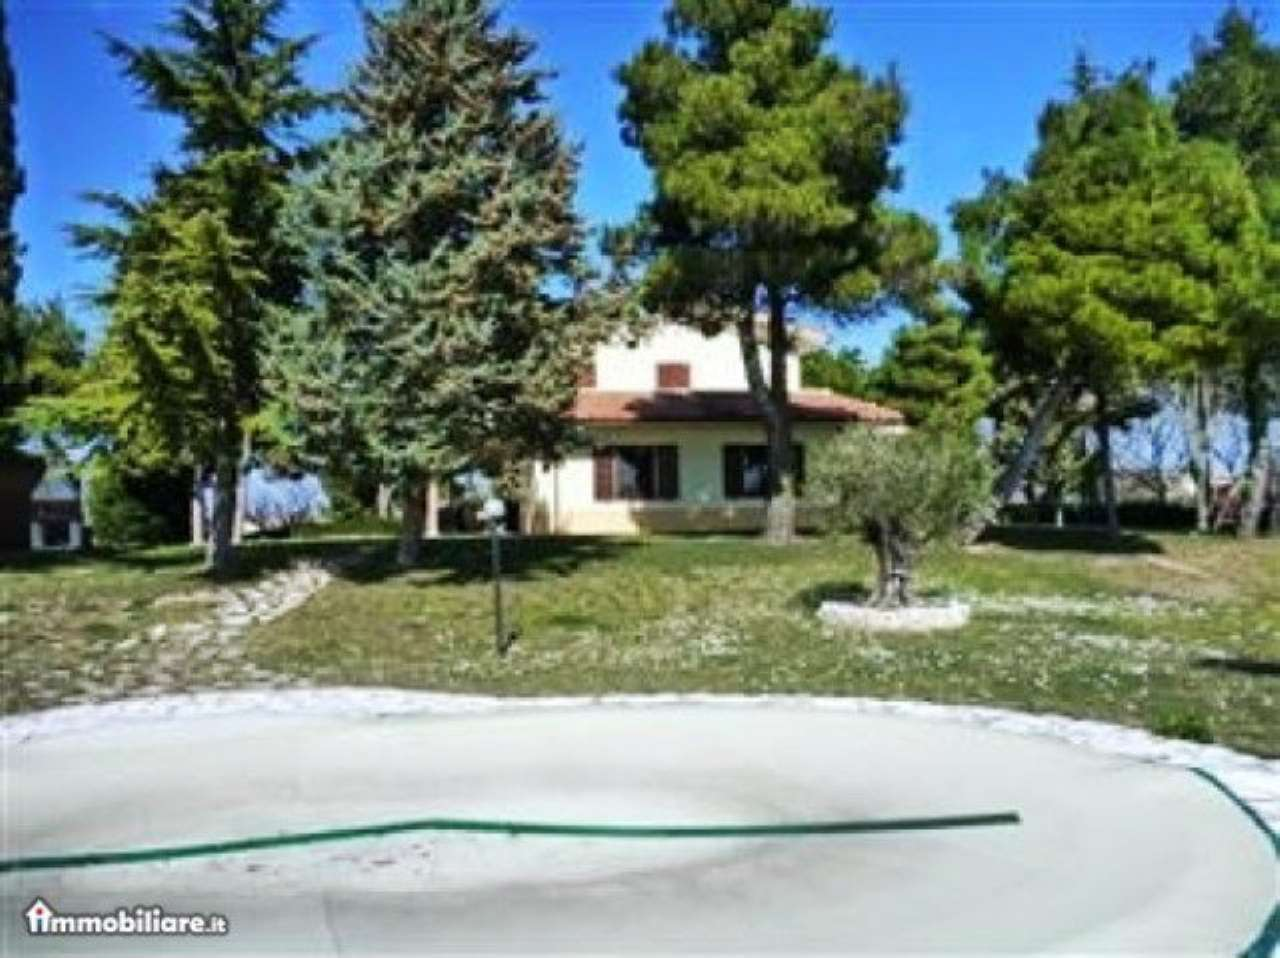 Villa in vendita a Pesaro, 9 locali, prezzo € 700.000   CambioCasa.it